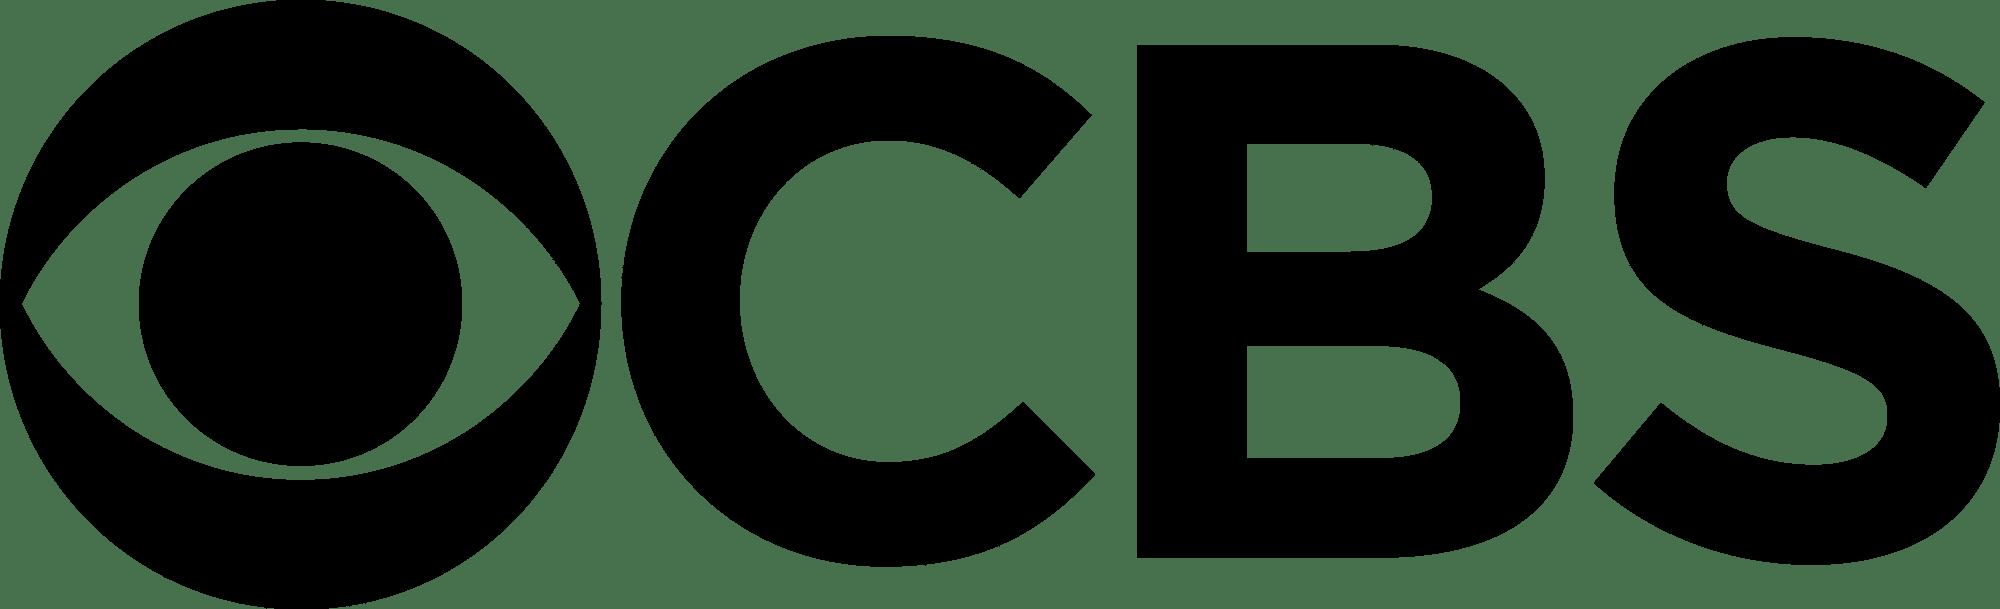 CBS-min.png